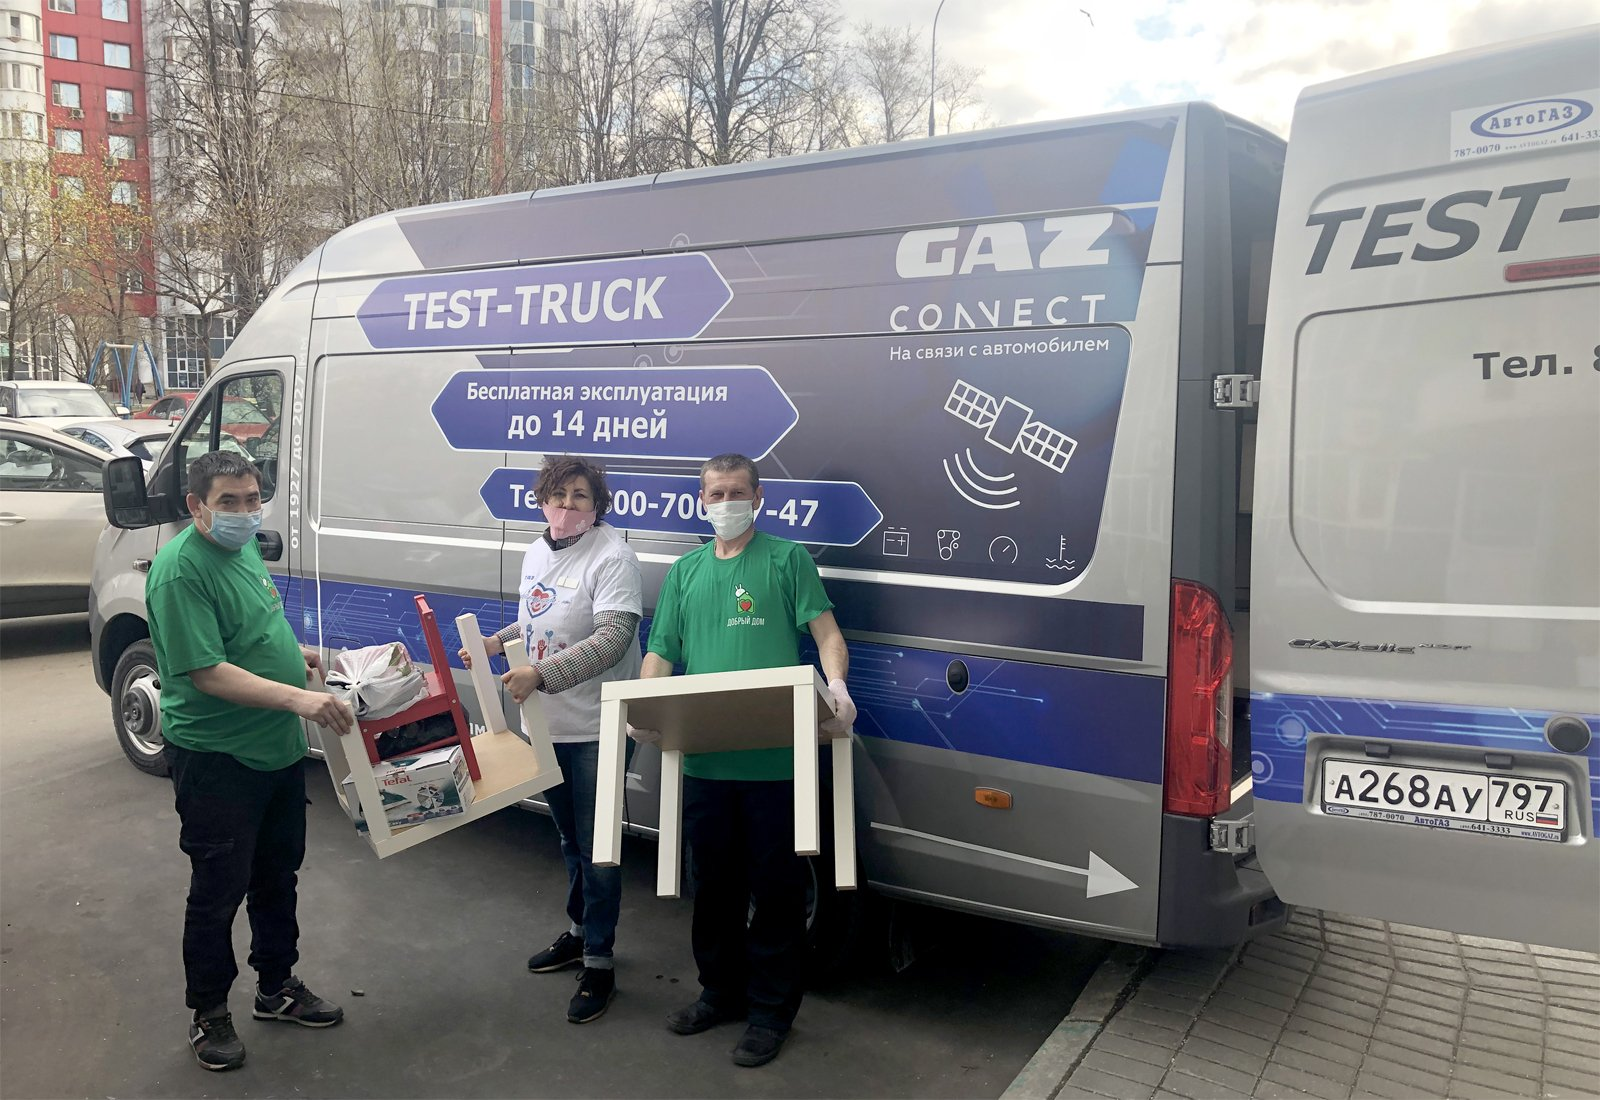 Дилерская сеть ГАЗ передаст волонтерским и благотворительным организация более 200 автомобилей